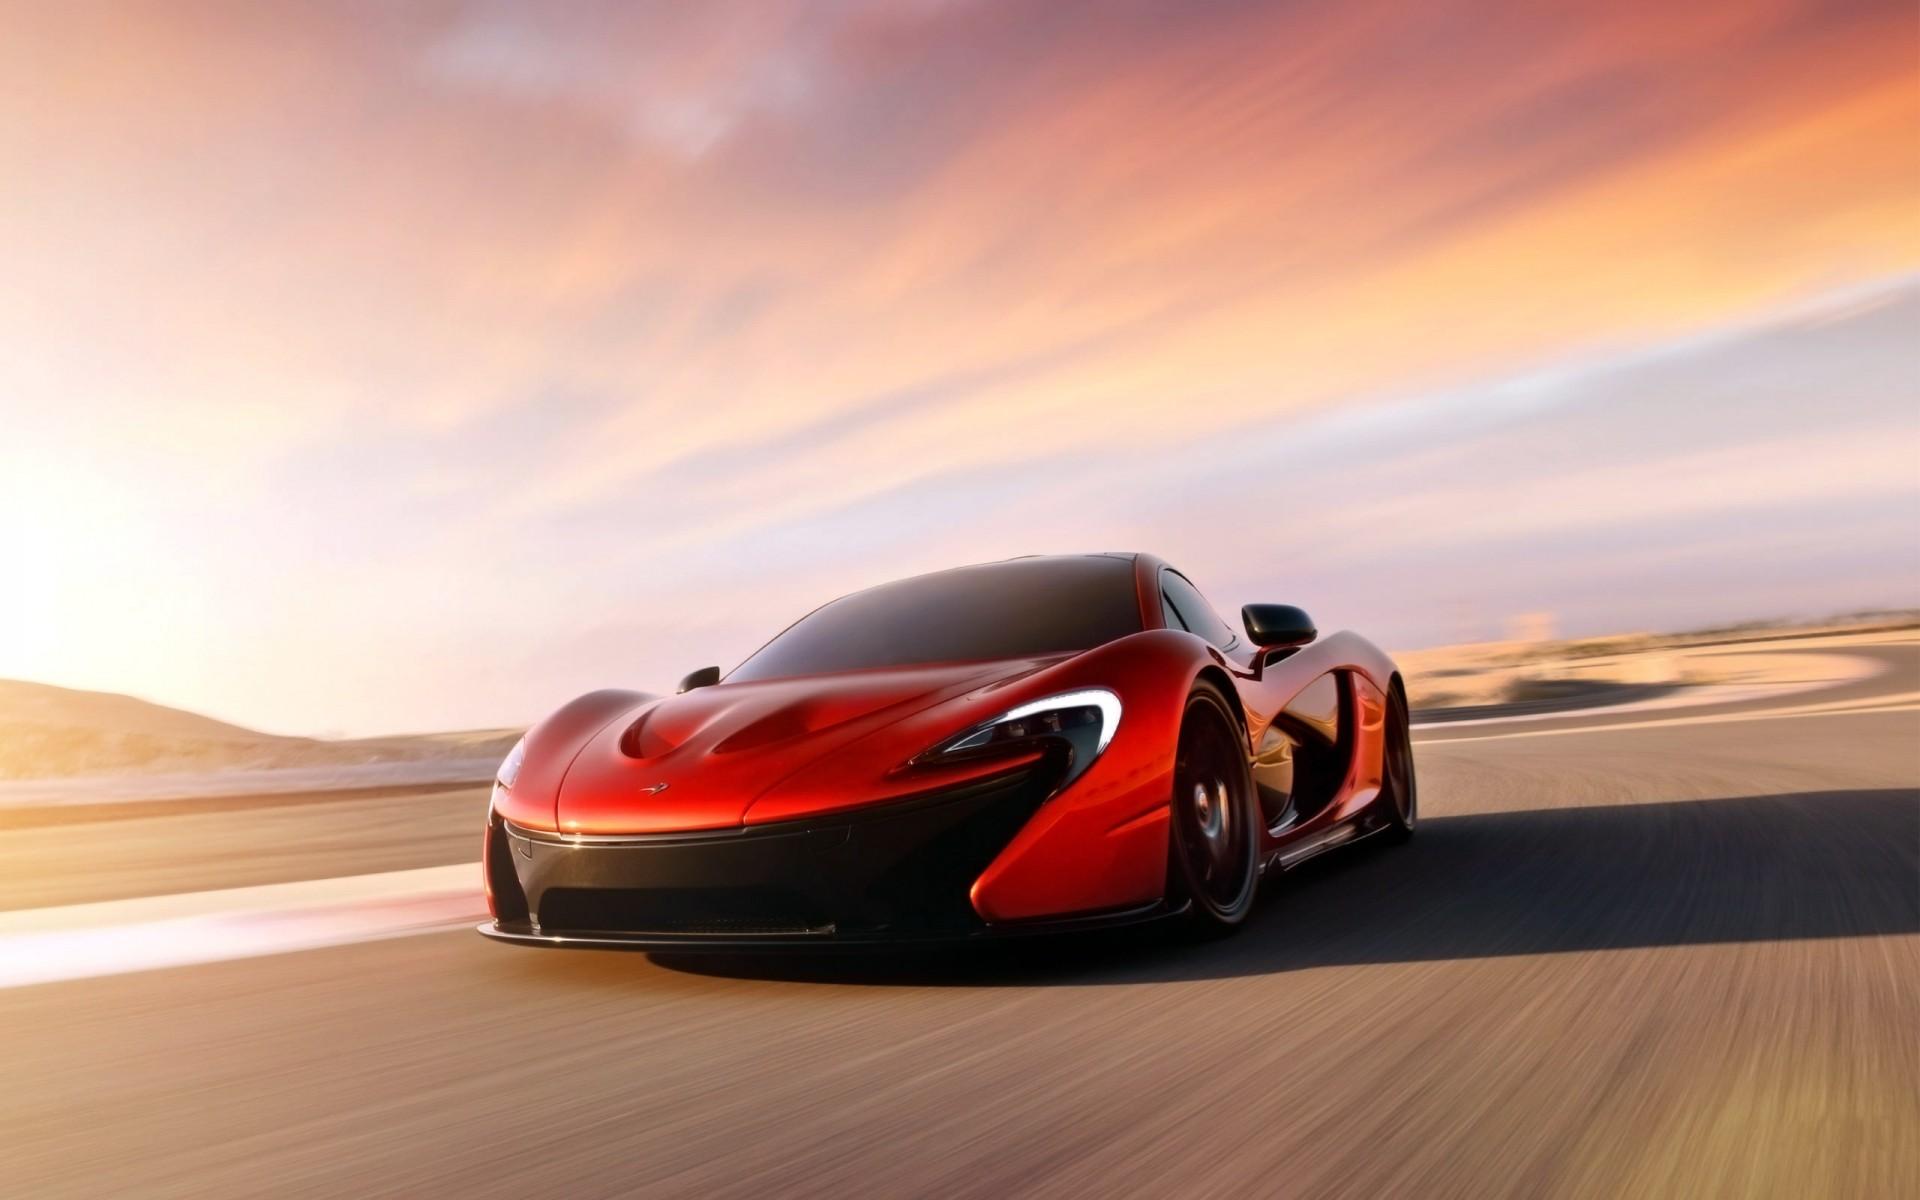 McLaren дорога  № 2968370 бесплатно